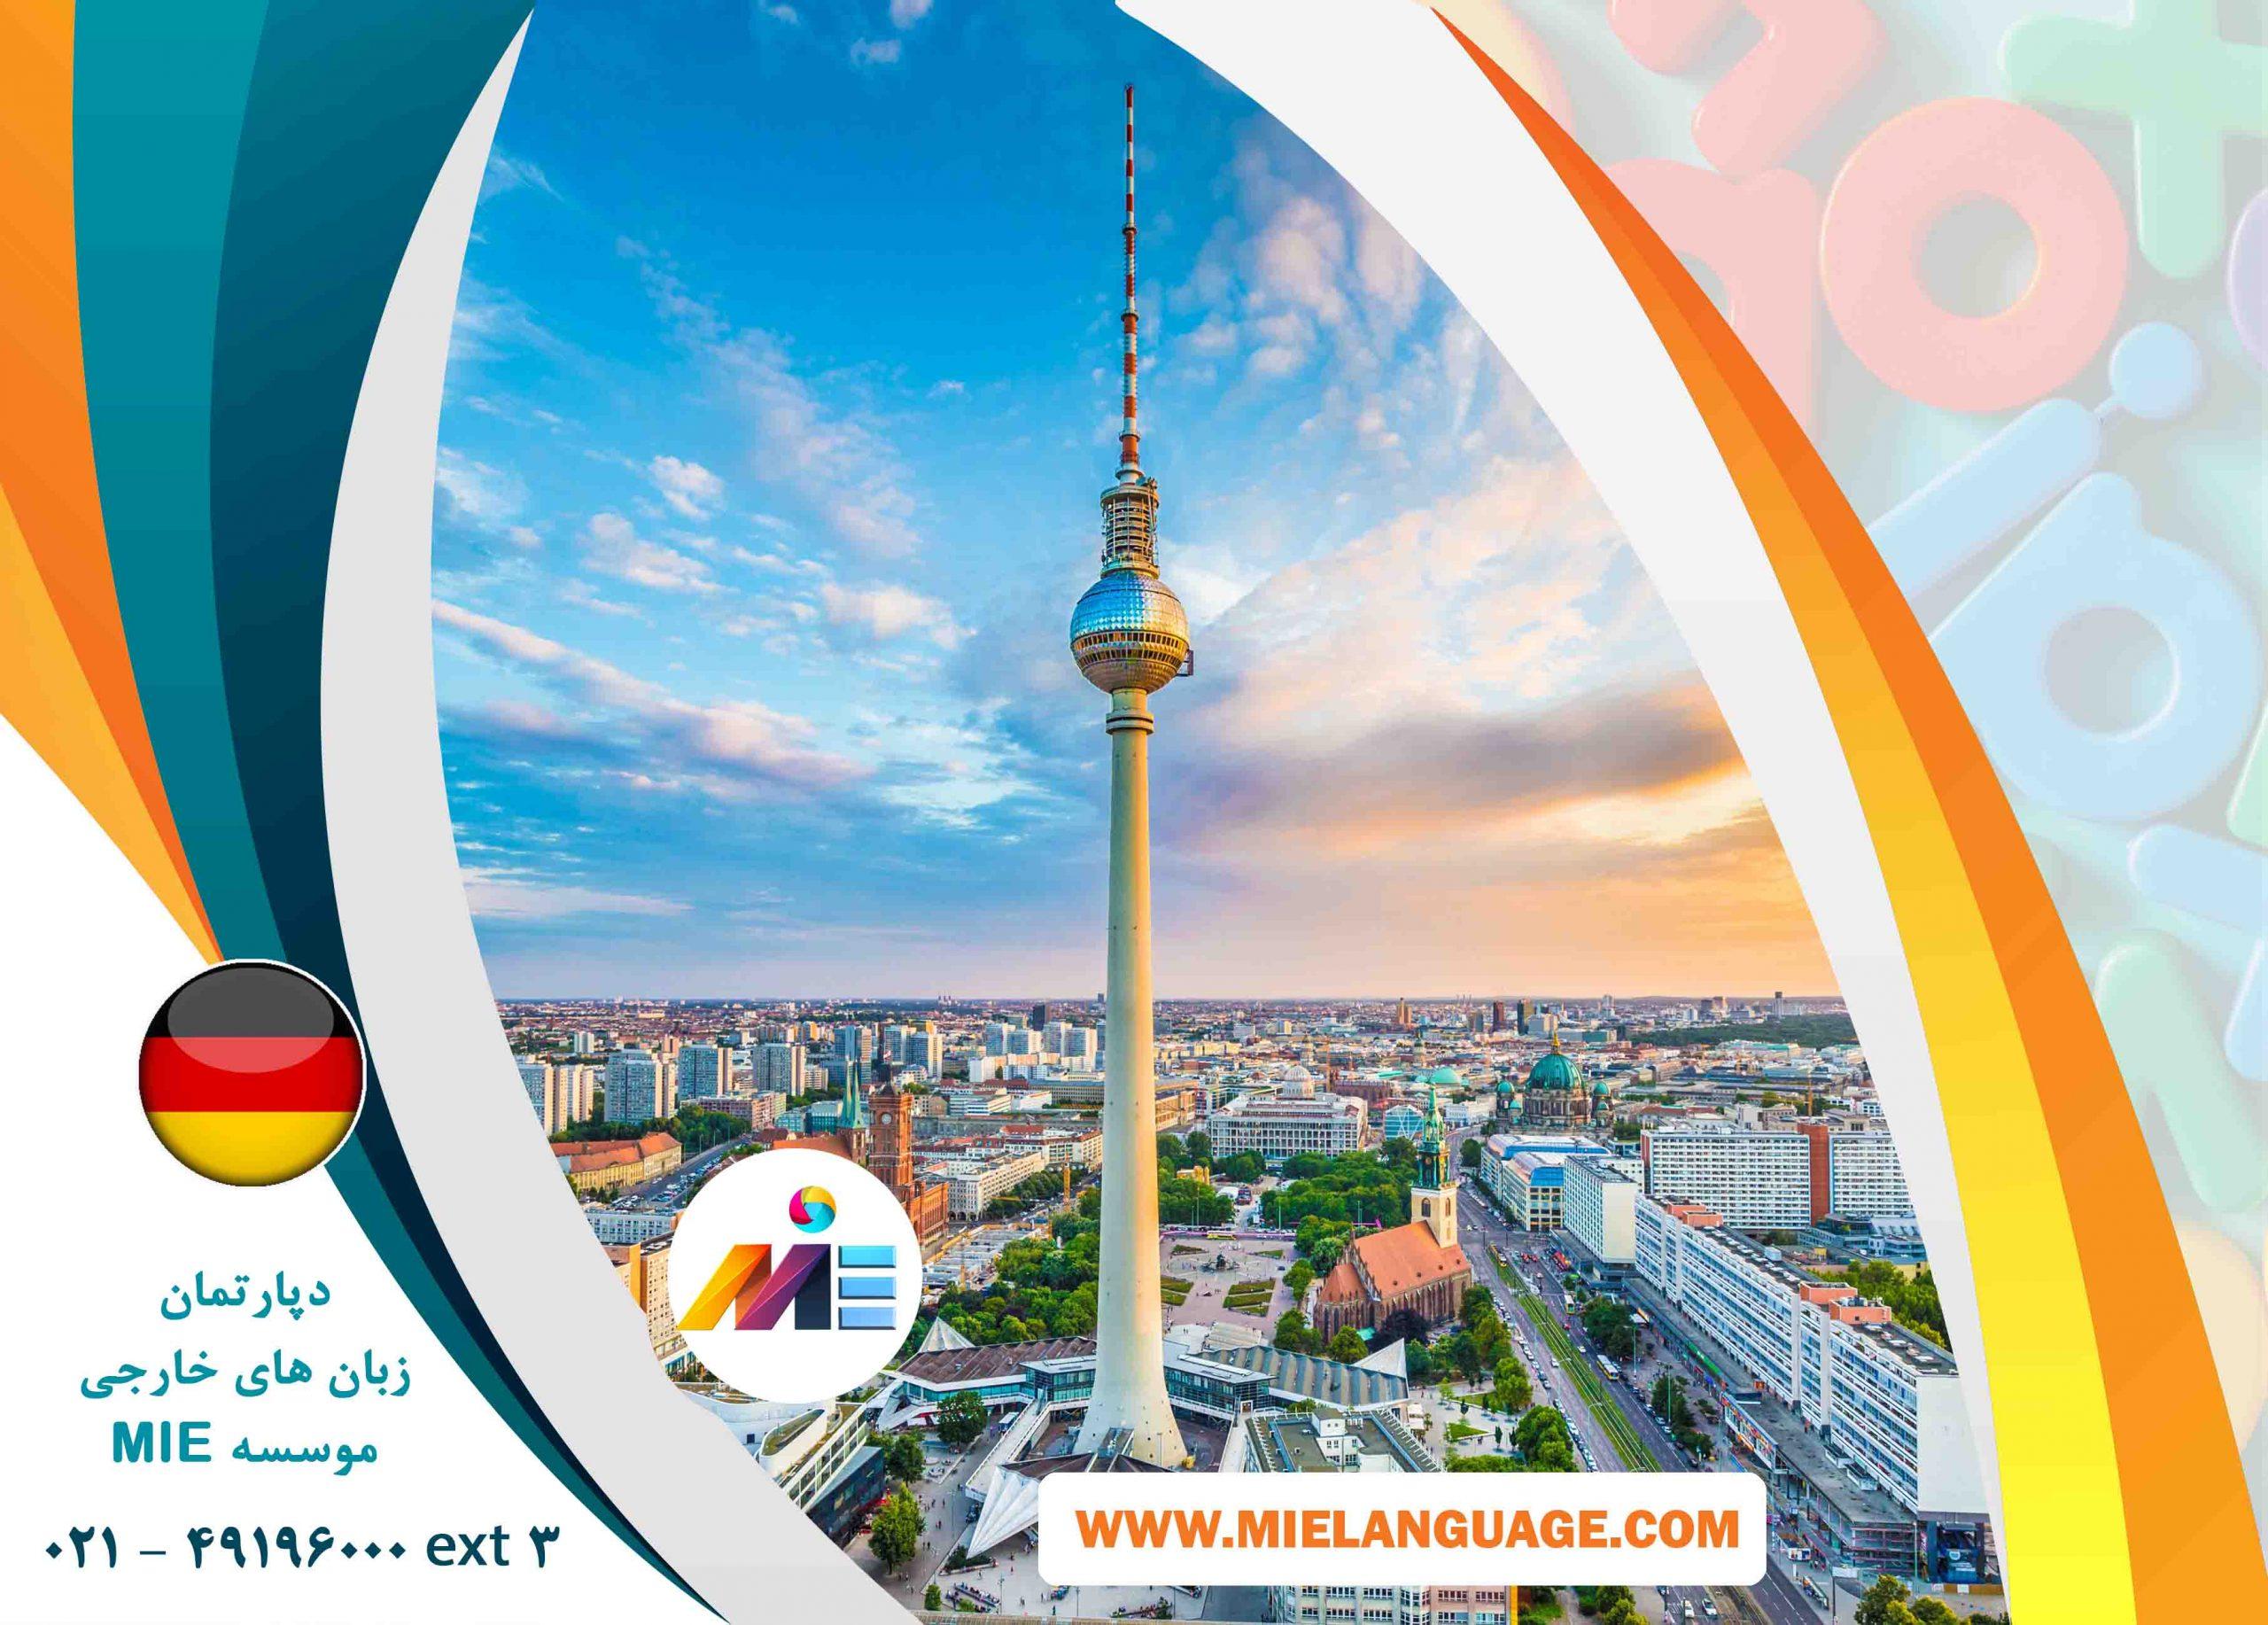 خلاصه مقدمه پکیج شماره یک آلمانی موسسه MIE - آموزش فشرده و سریع زبان آلمانی